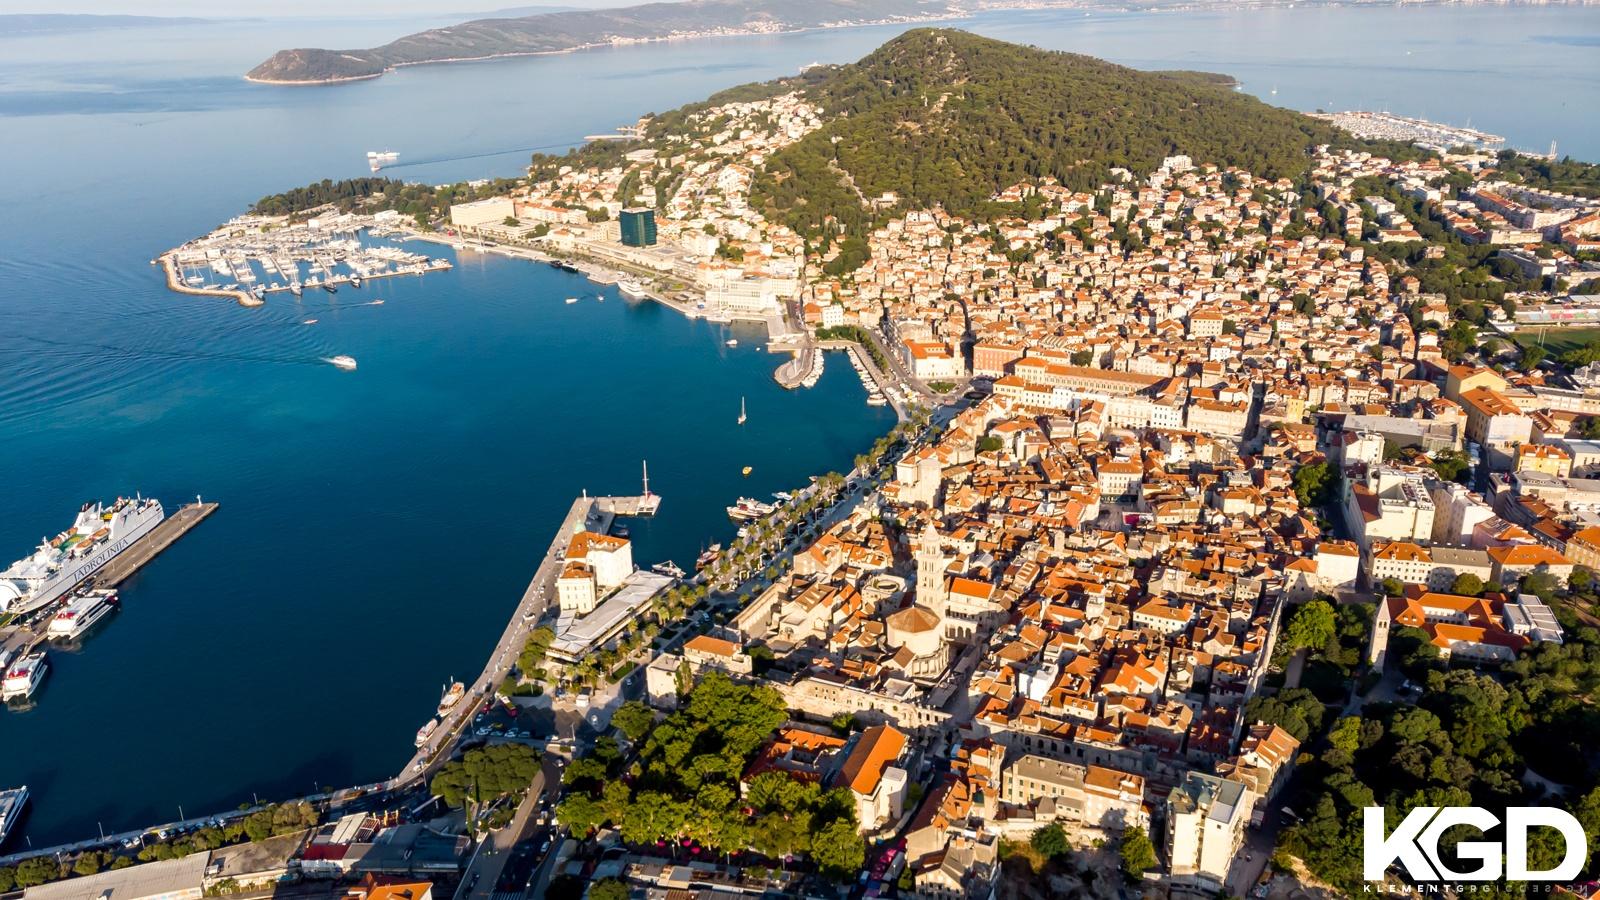 Split town - Klement Grgic